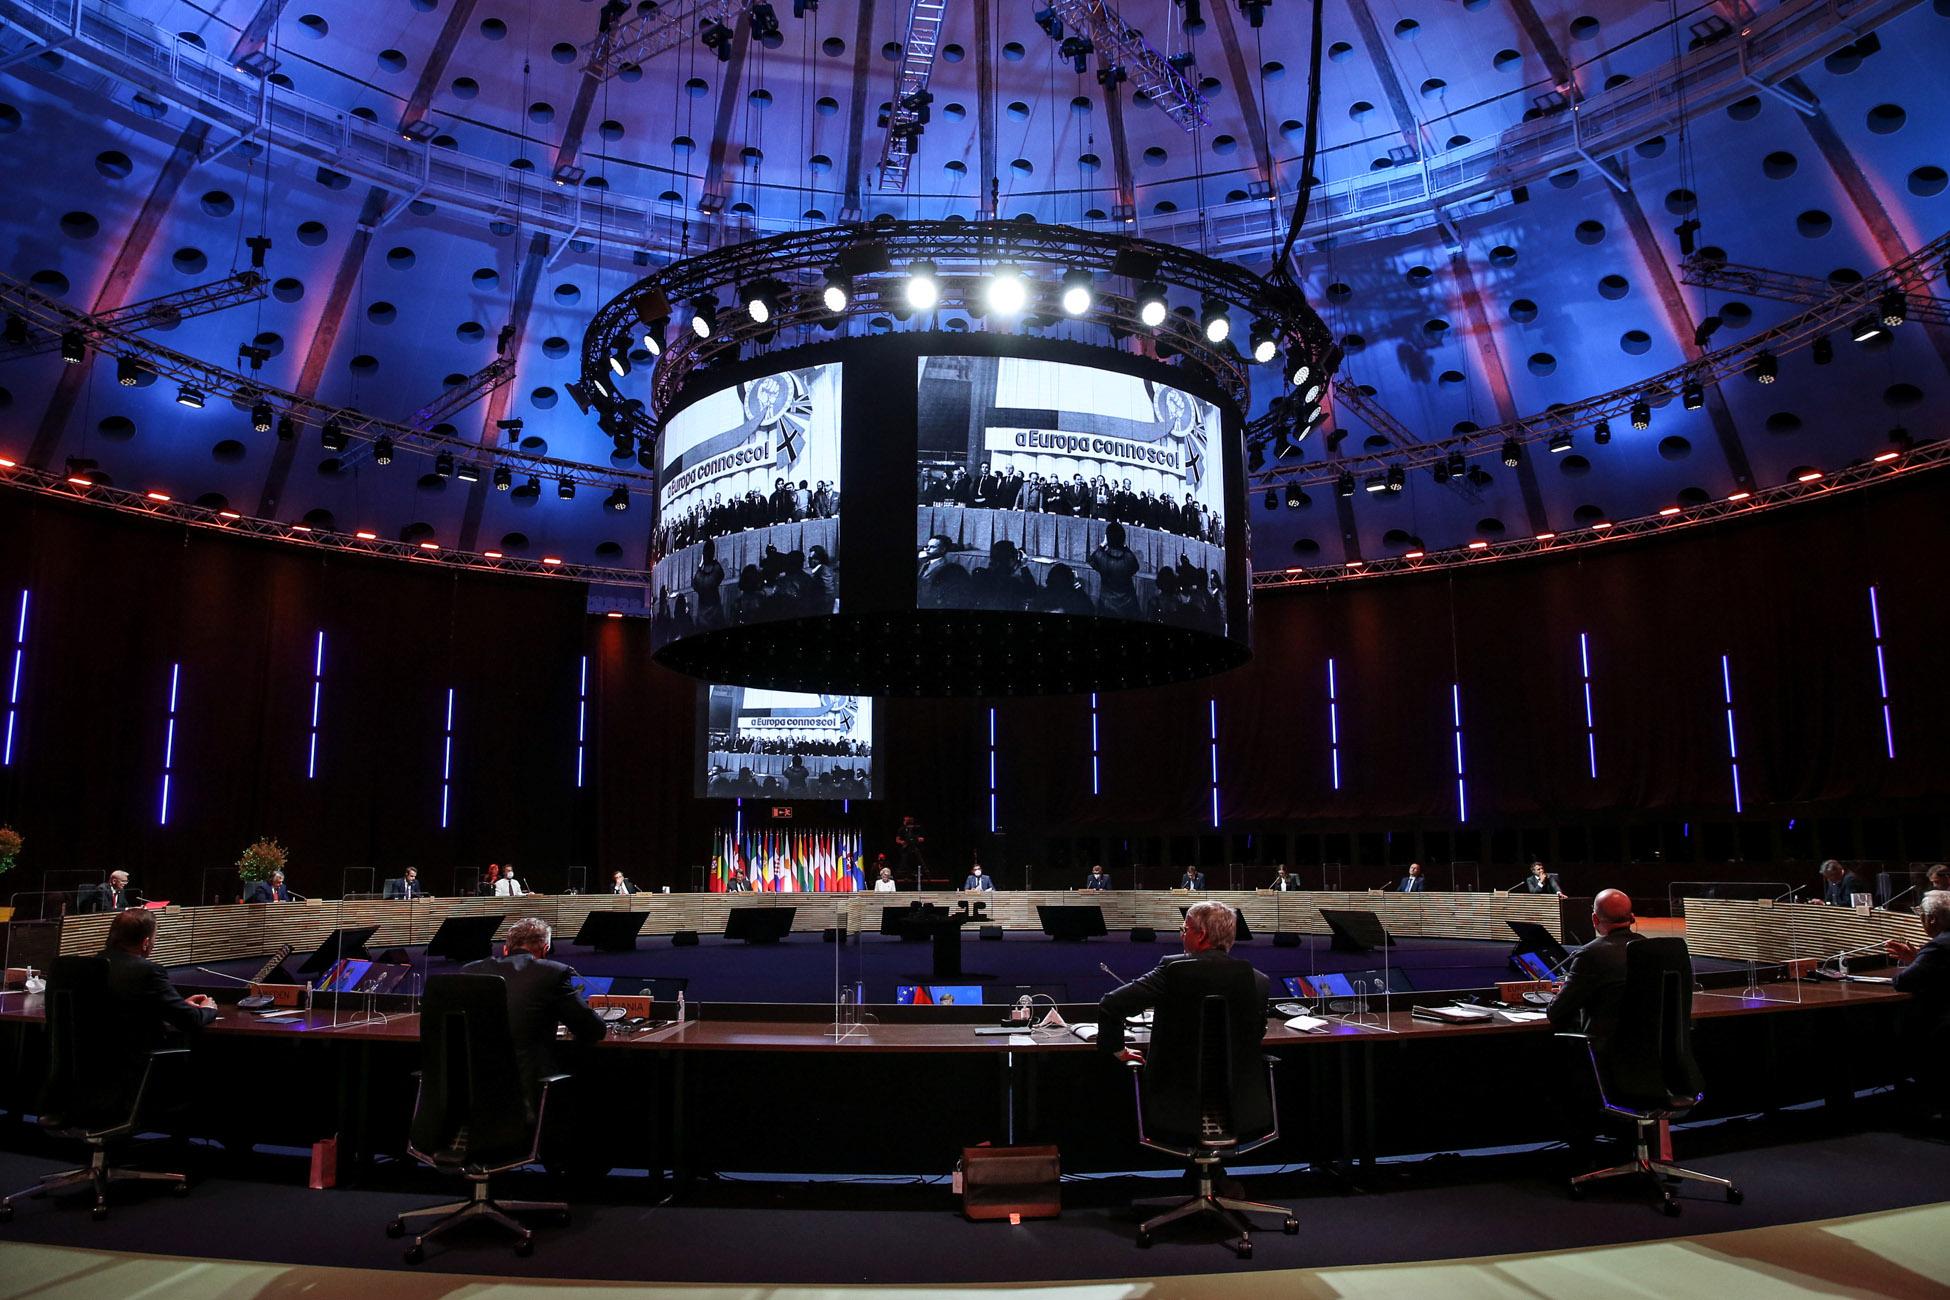 Σύνοδος Κορυφής: Κοινή δήλωση για την απασχόληση και τη φτώχεια